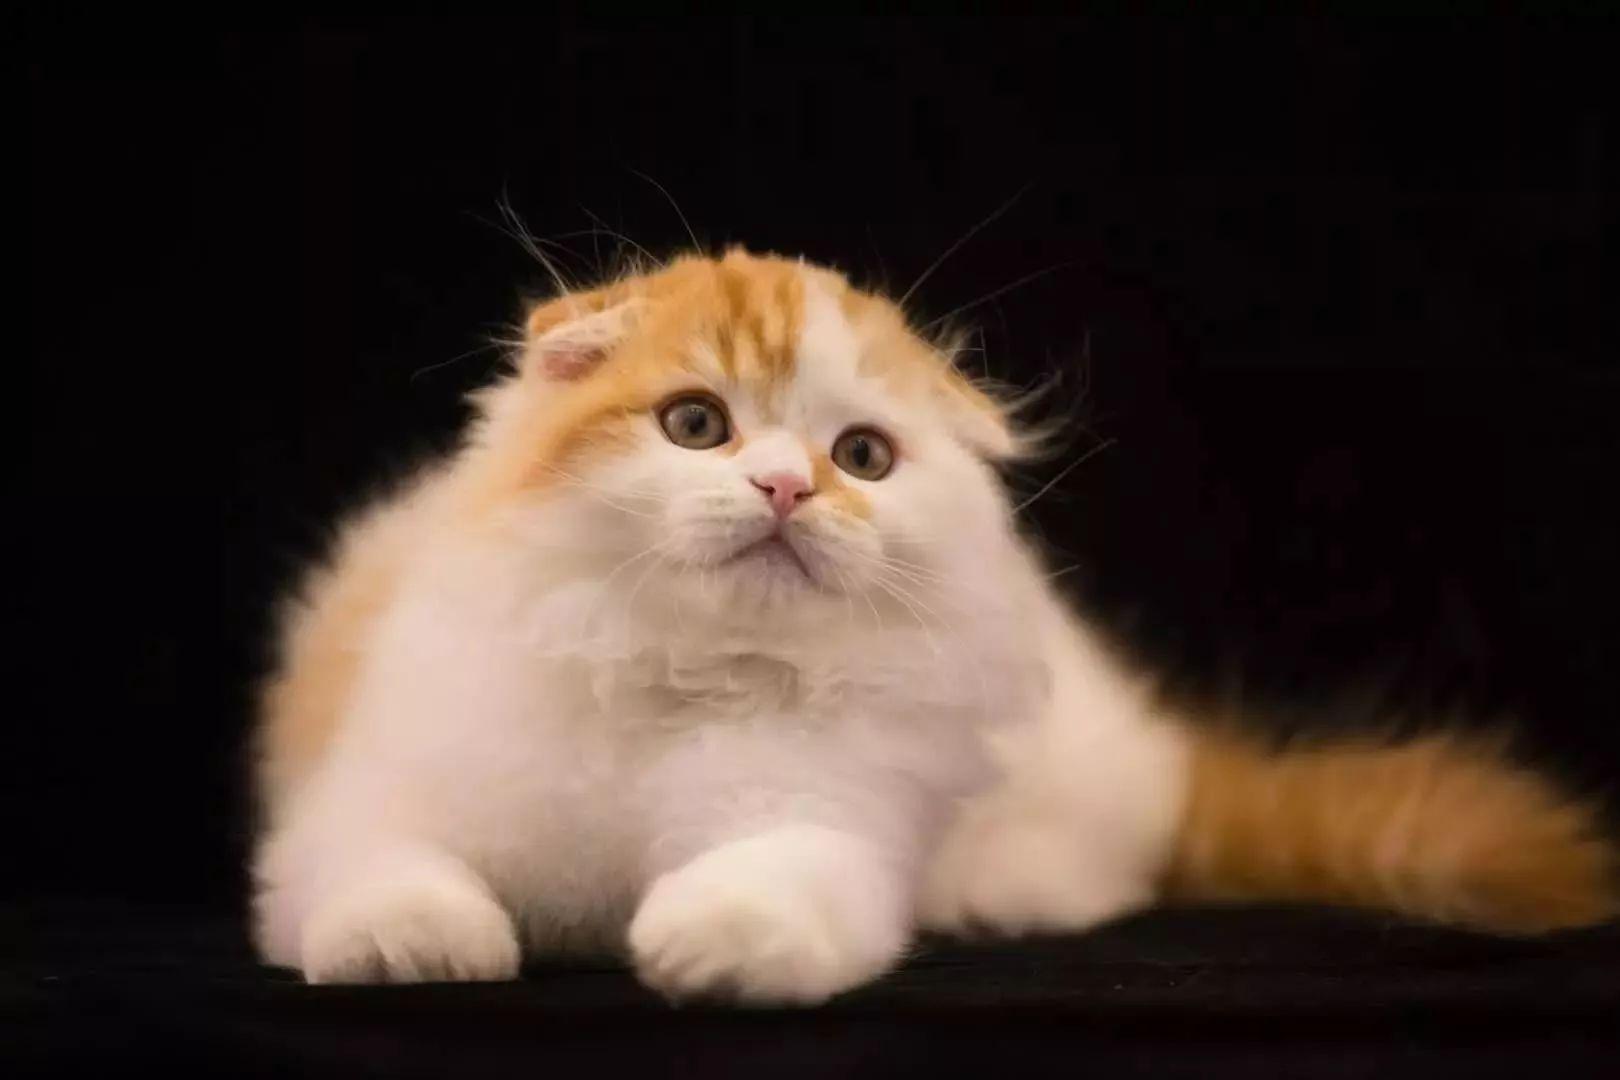 壁纸 动物 猫 猫咪 小猫 桌面 1620_1080